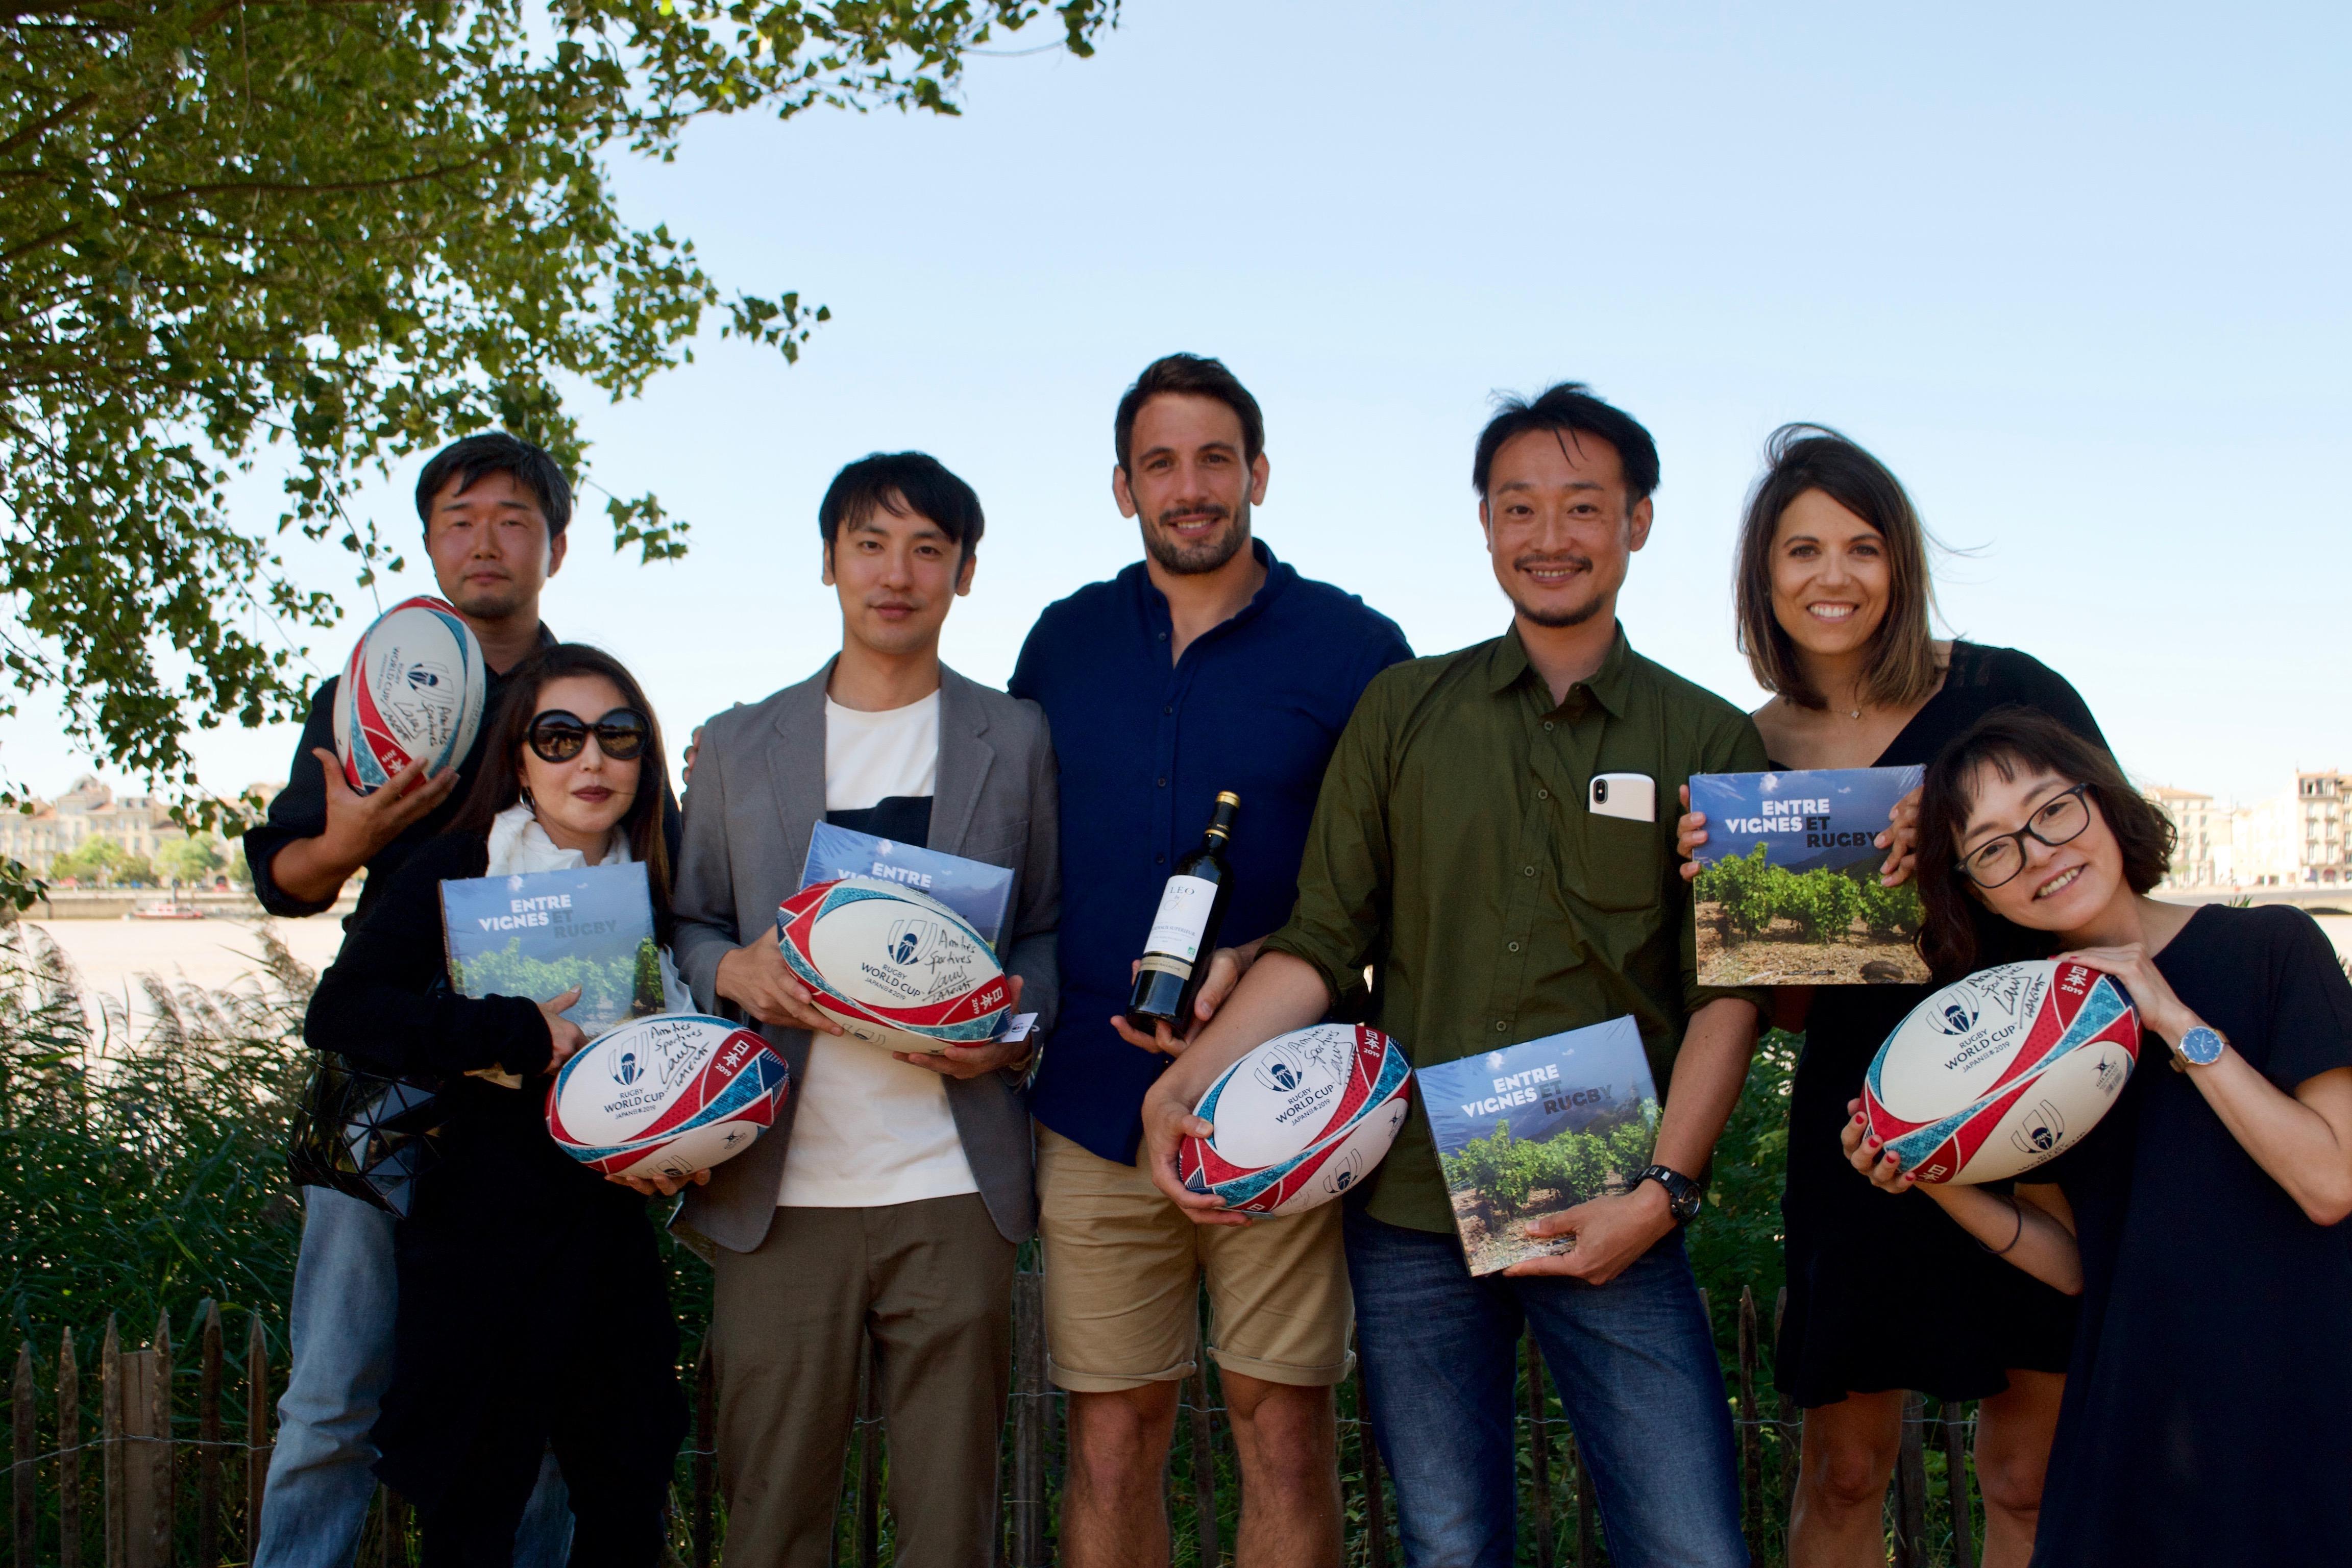 Une rencontre France-Japon autour de passions communes : rugby et vin.